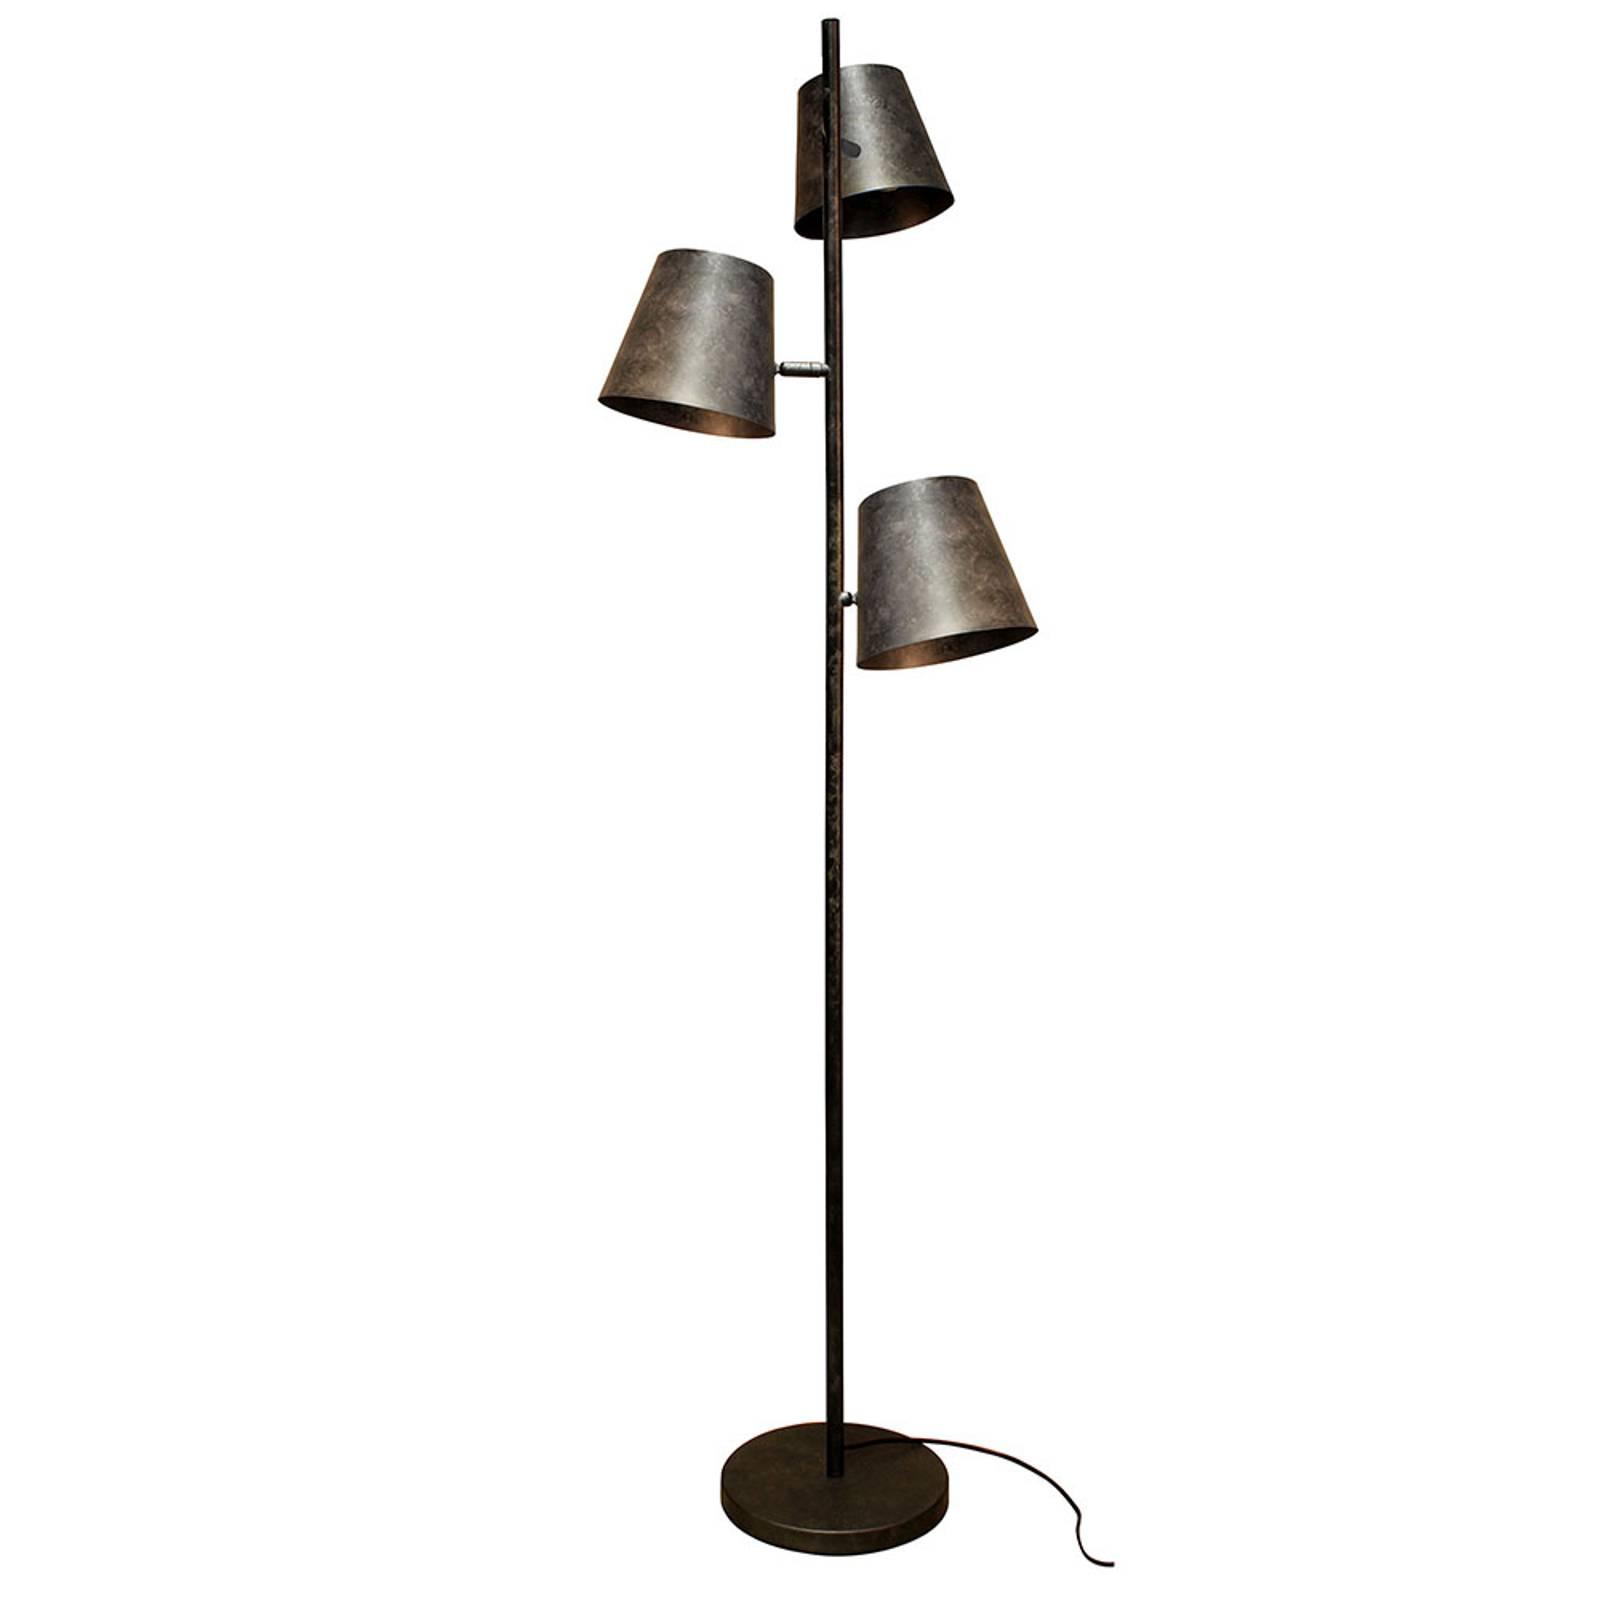 Lampadaire Colt, à 3 lampes, gris givré